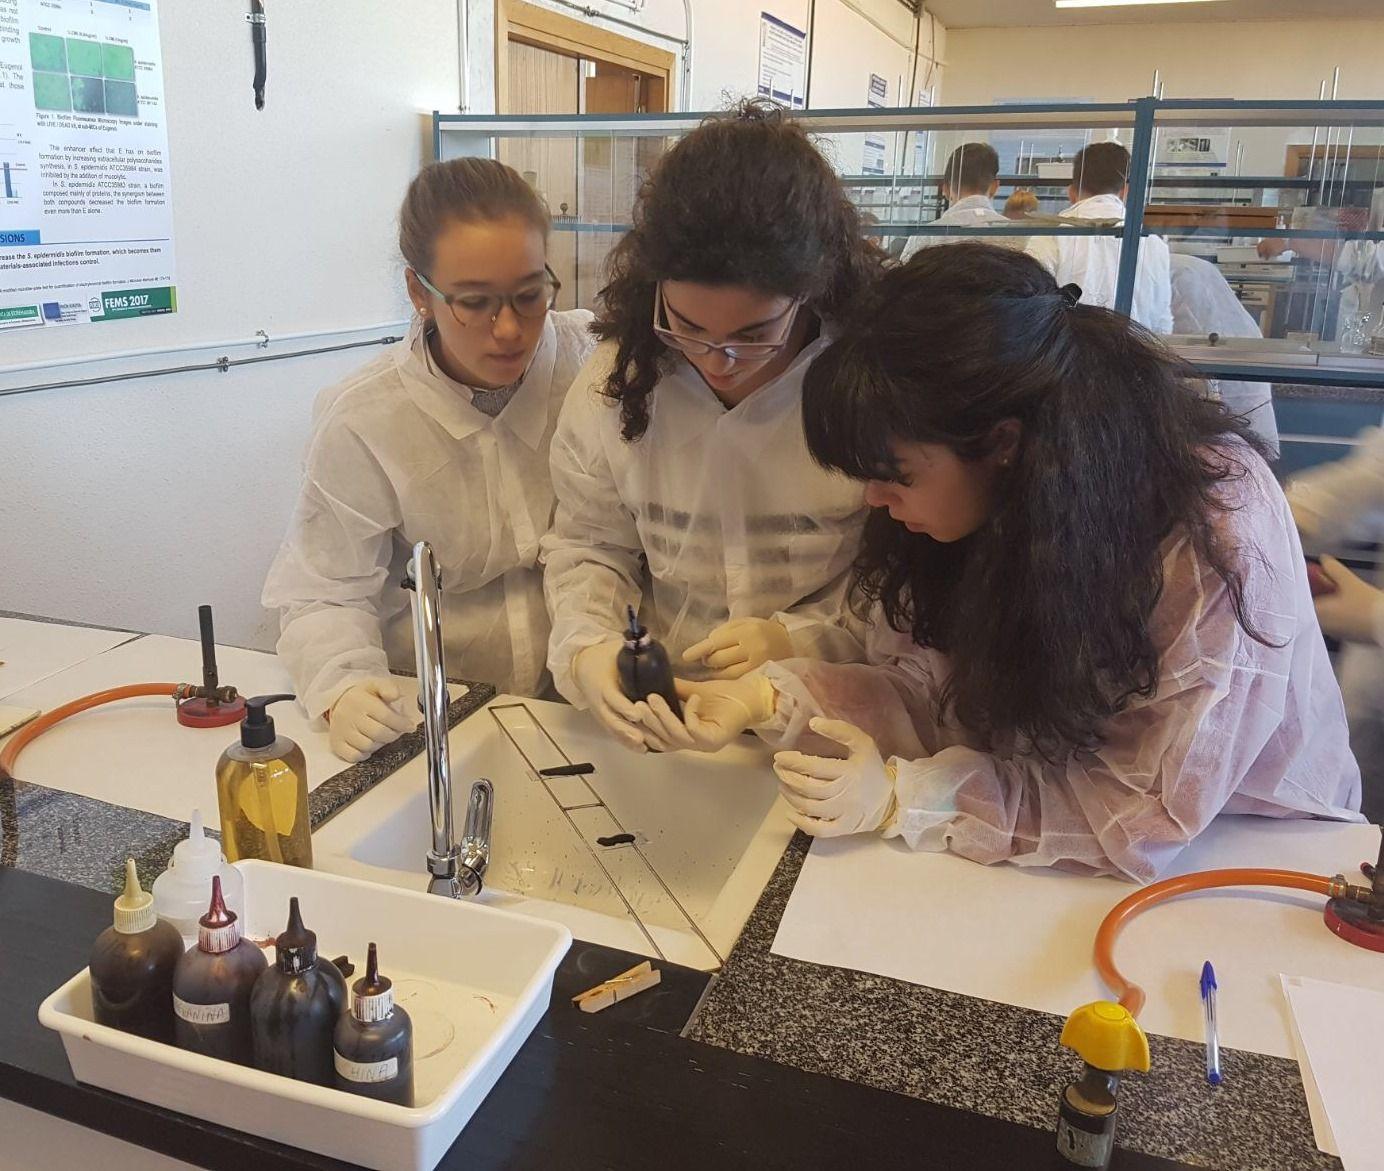 Por tercer año consecutivo, la Universidad extremeña celebra la Semana de la Ciencia y la Tecnología